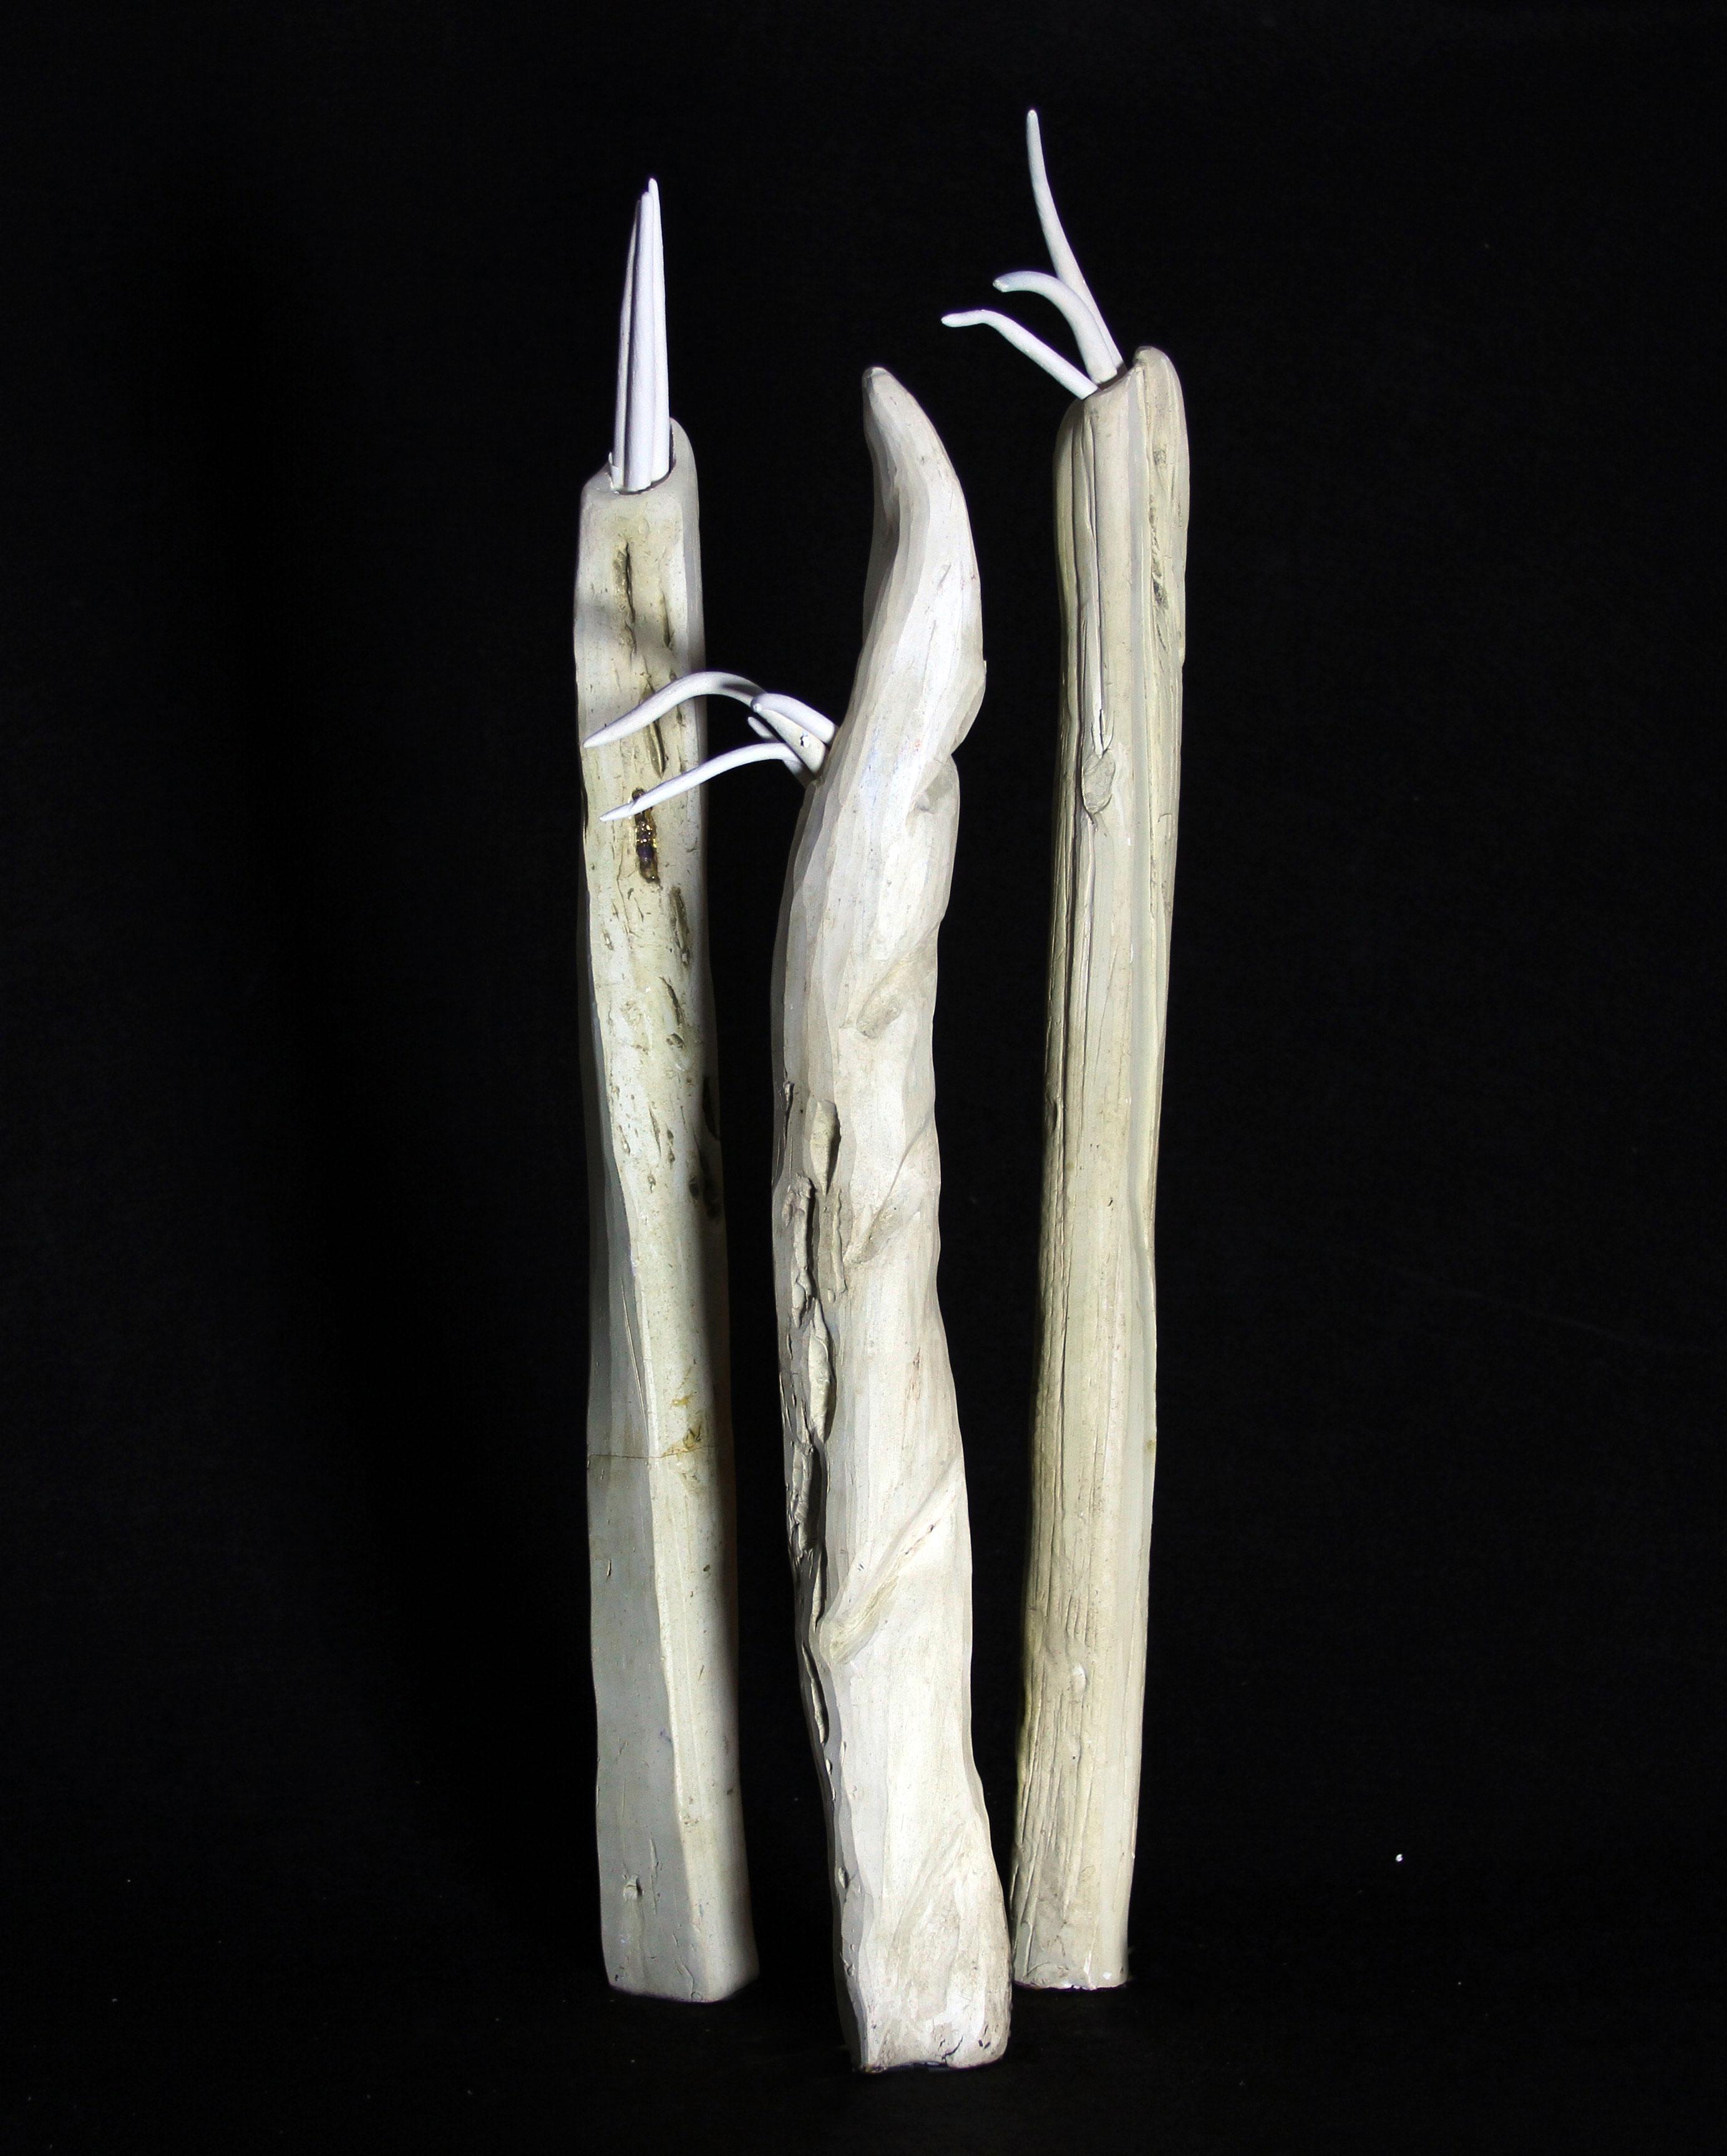 Cactus Filamentis III